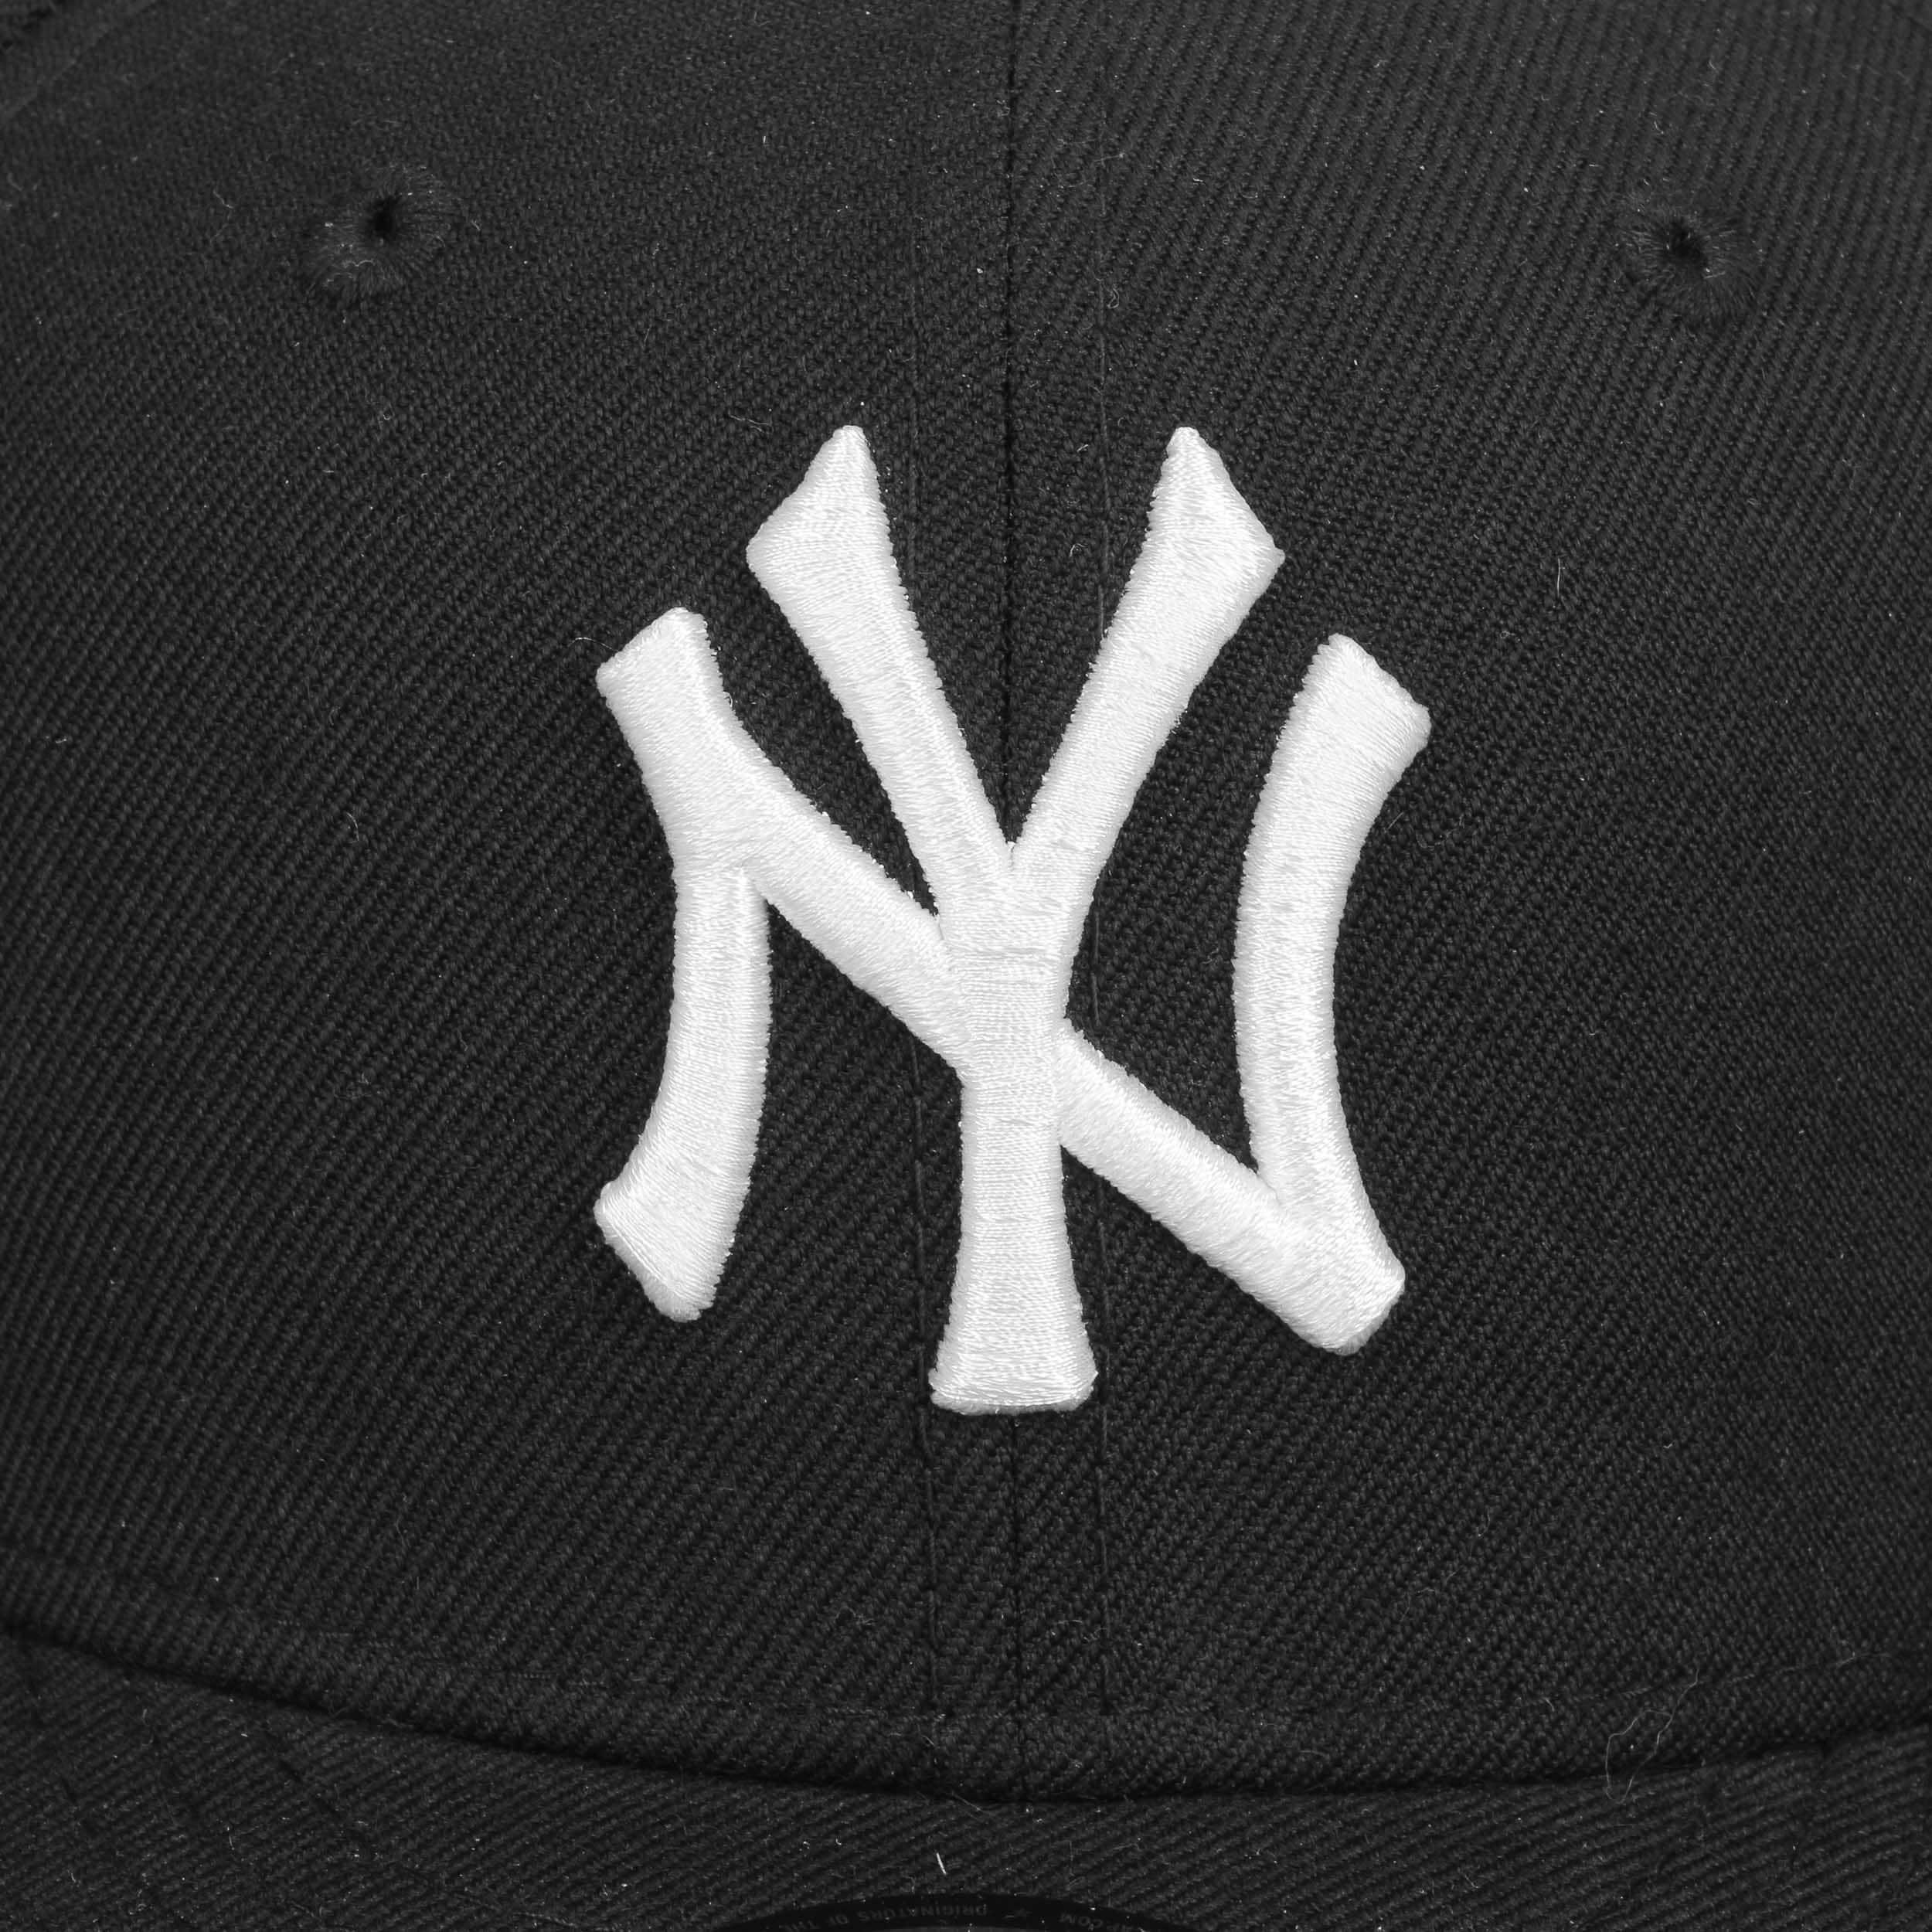 ... 59Fifty MLB Basic NY Cap by New Era - black 4 ... 1f5be6f75e7